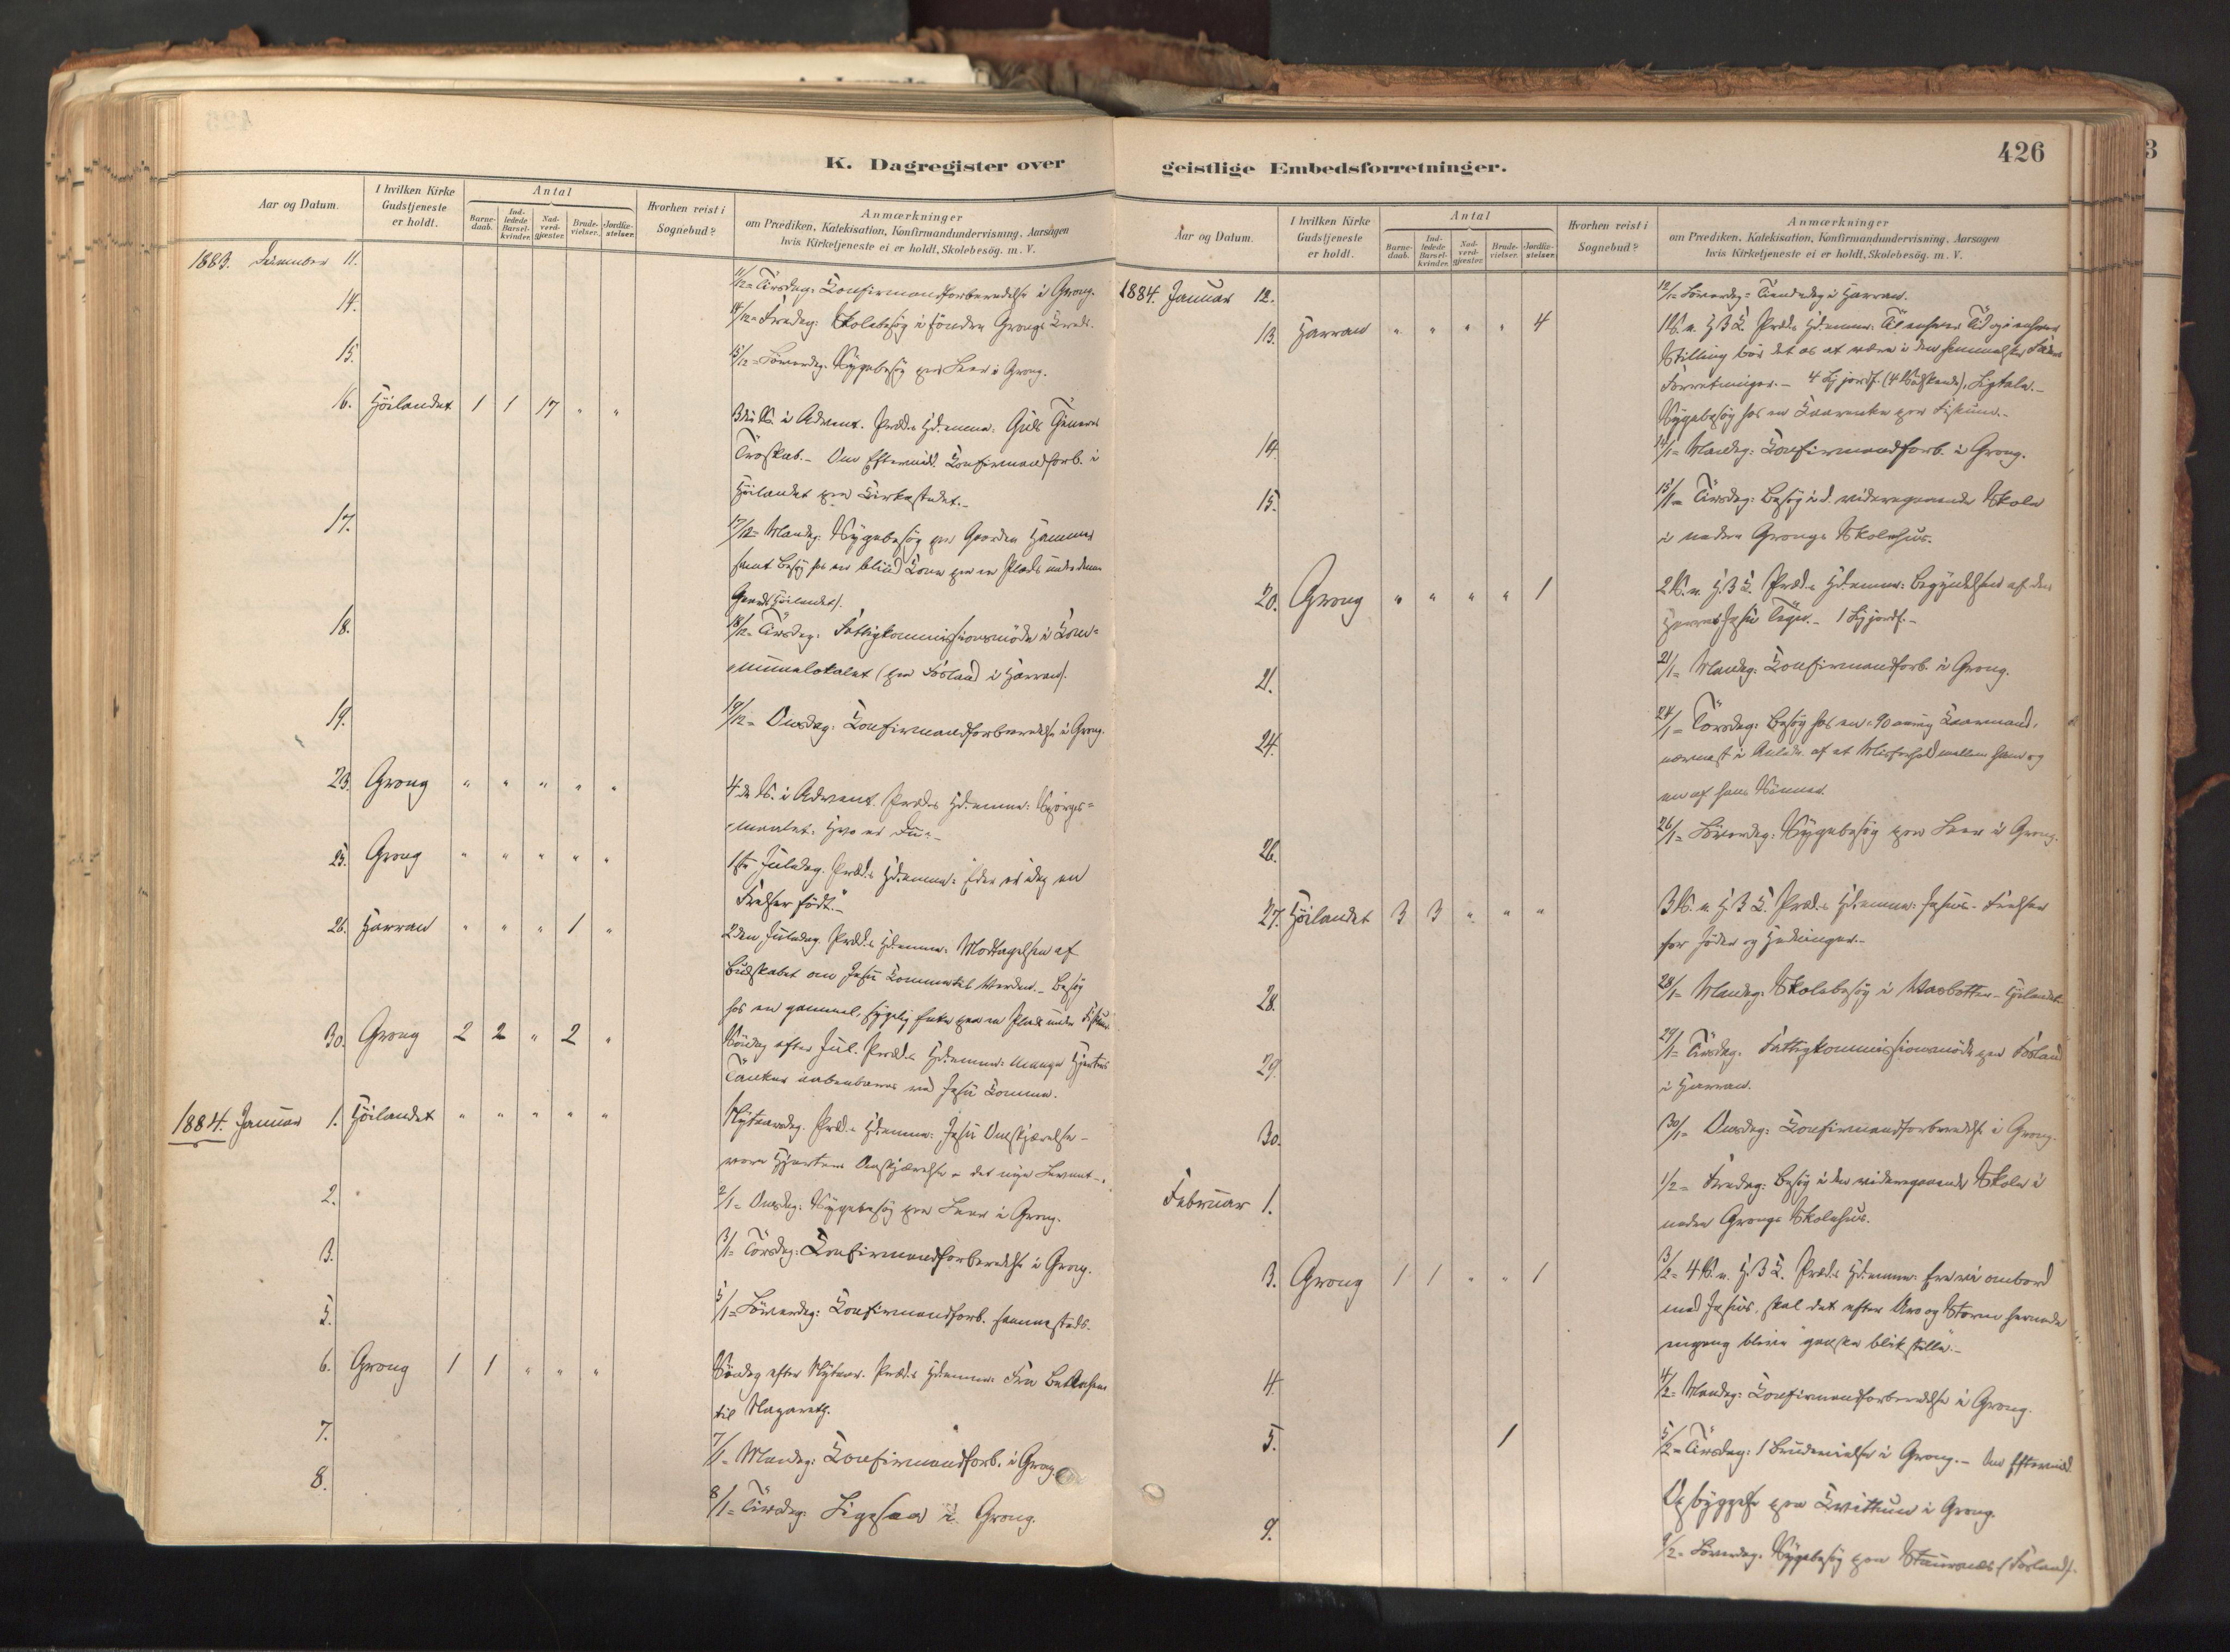 SAT, Ministerialprotokoller, klokkerbøker og fødselsregistre - Nord-Trøndelag, 758/L0519: Ministerialbok nr. 758A04, 1880-1926, s. 426